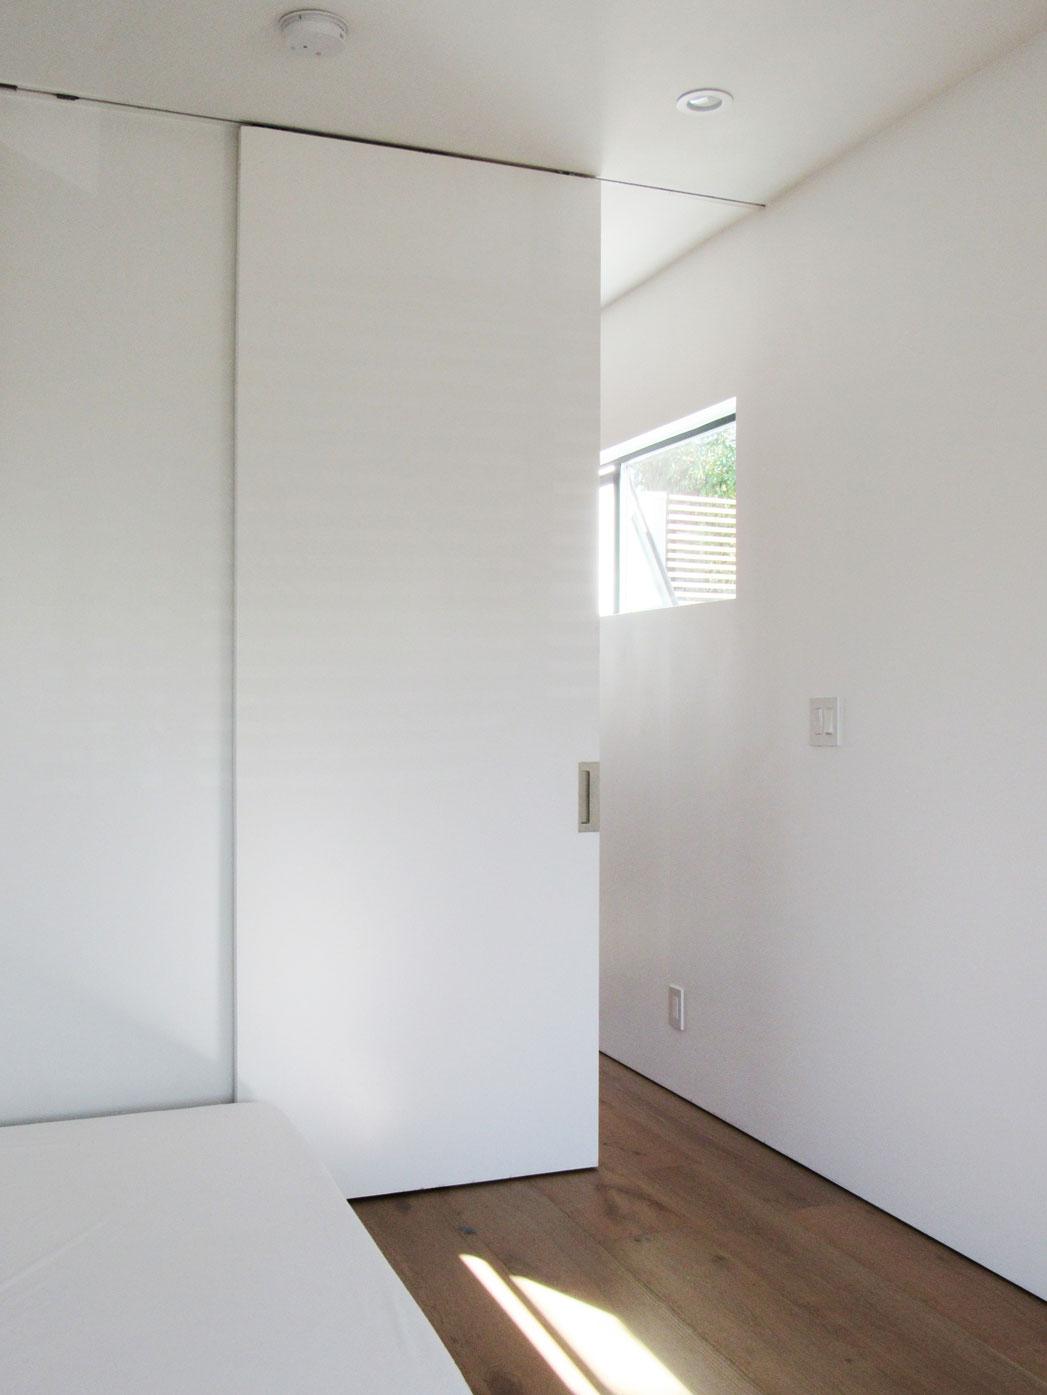 Gallery Cavity Sliders Usa